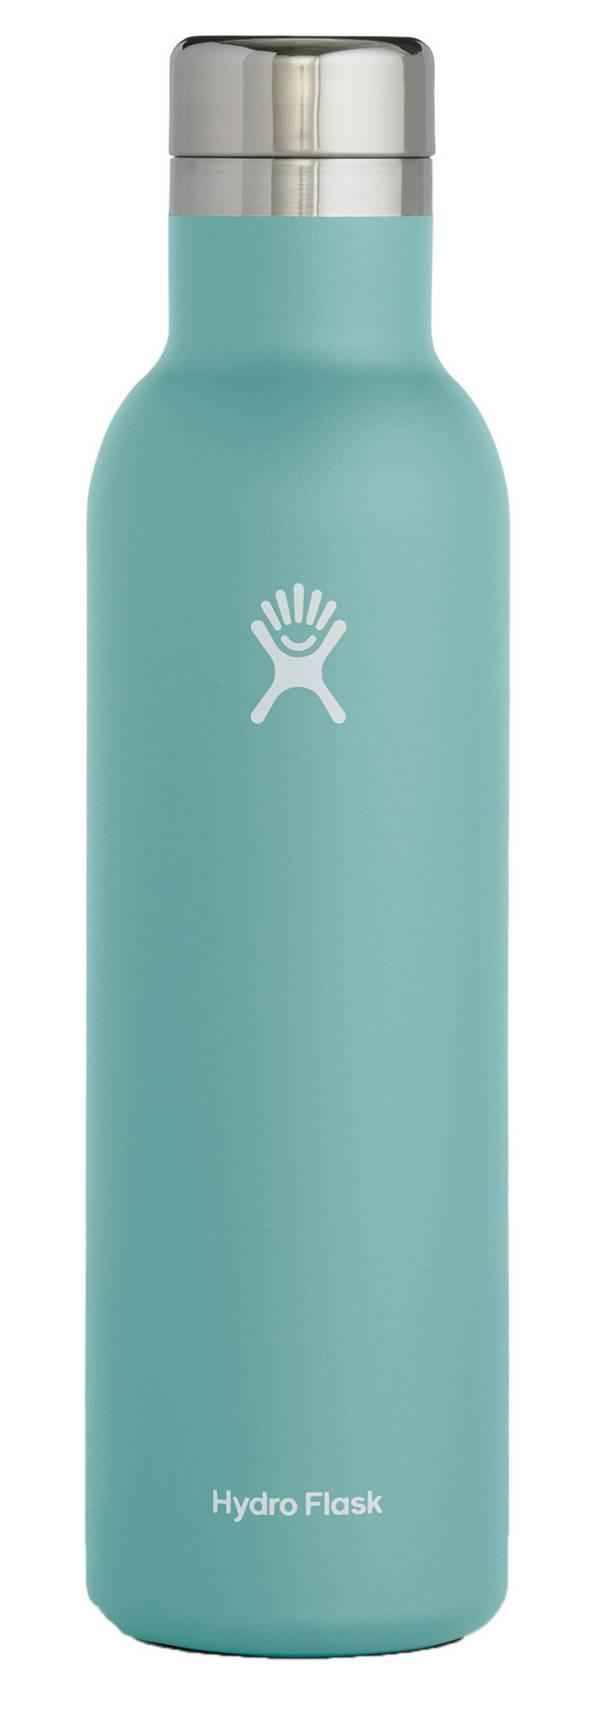 Hydro Flask 25 oz Wine Bottle product image